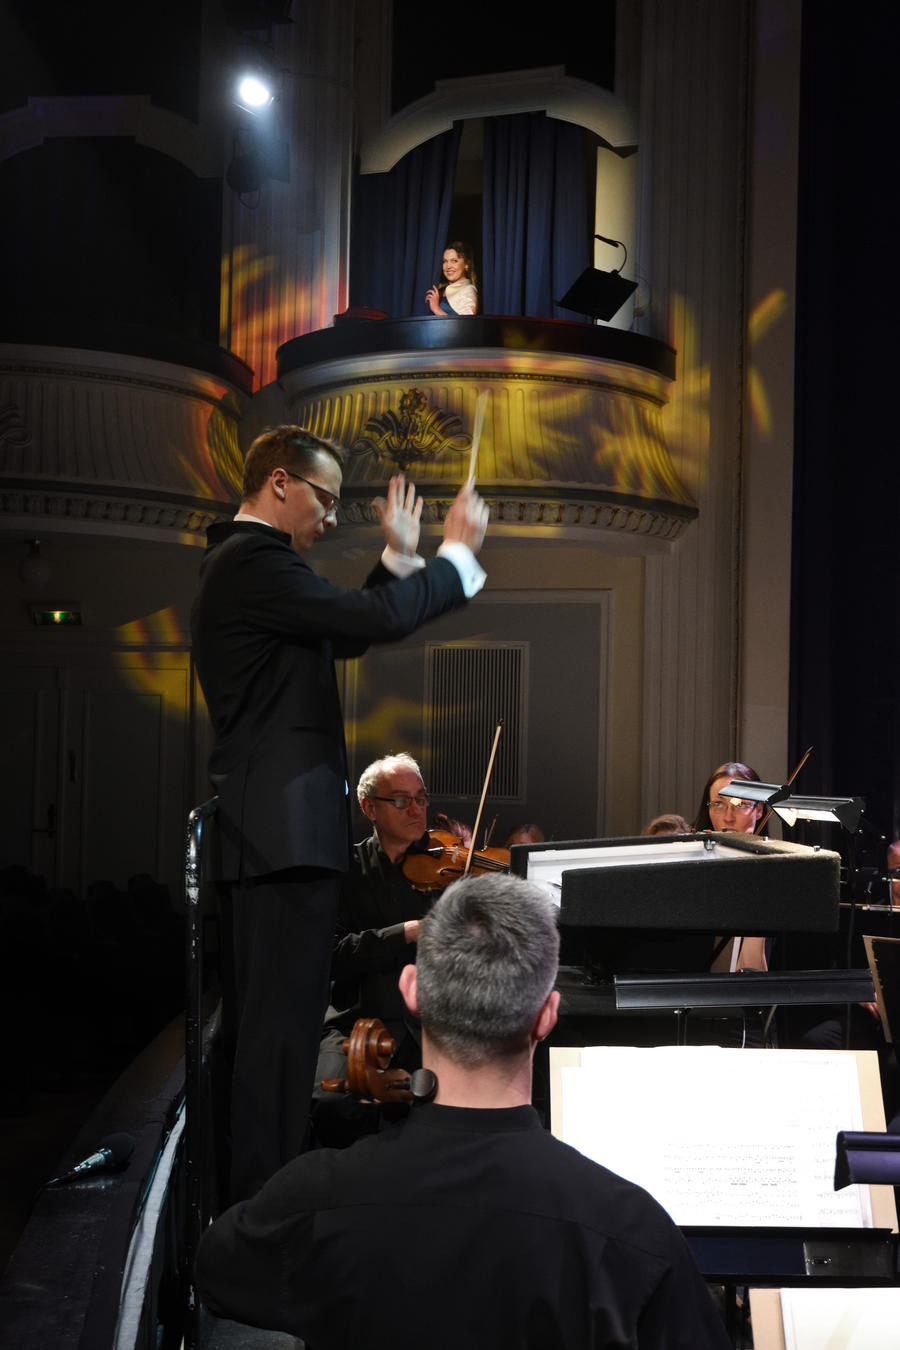 Orkestrimaailm_099m